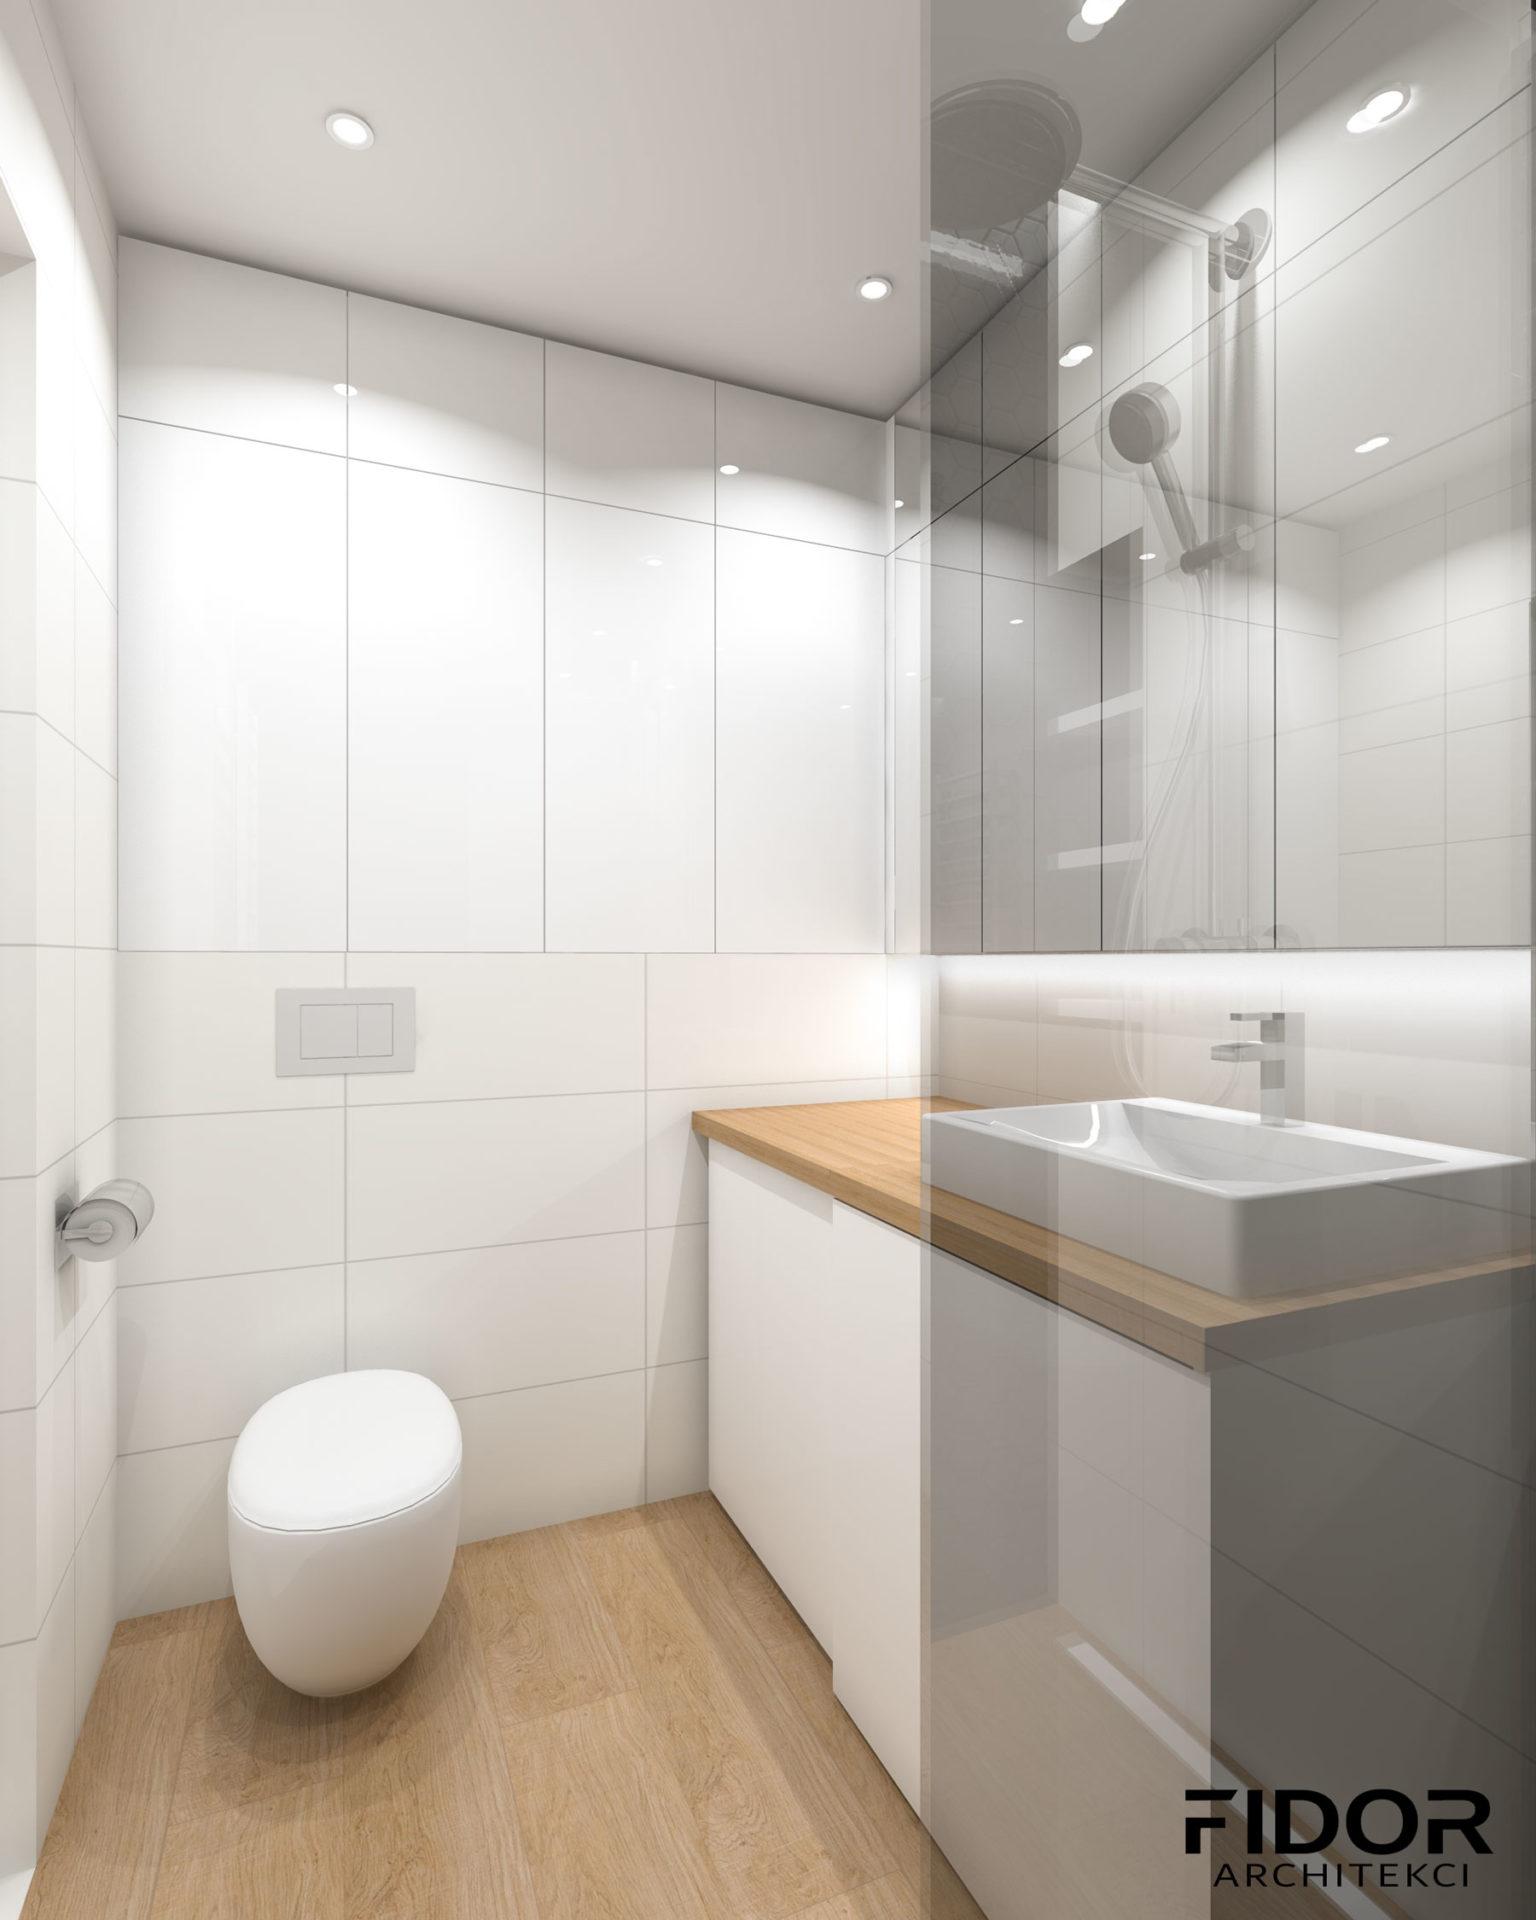 Łazienka w nowoczesnym mieszkaniu, widok na toaletę.